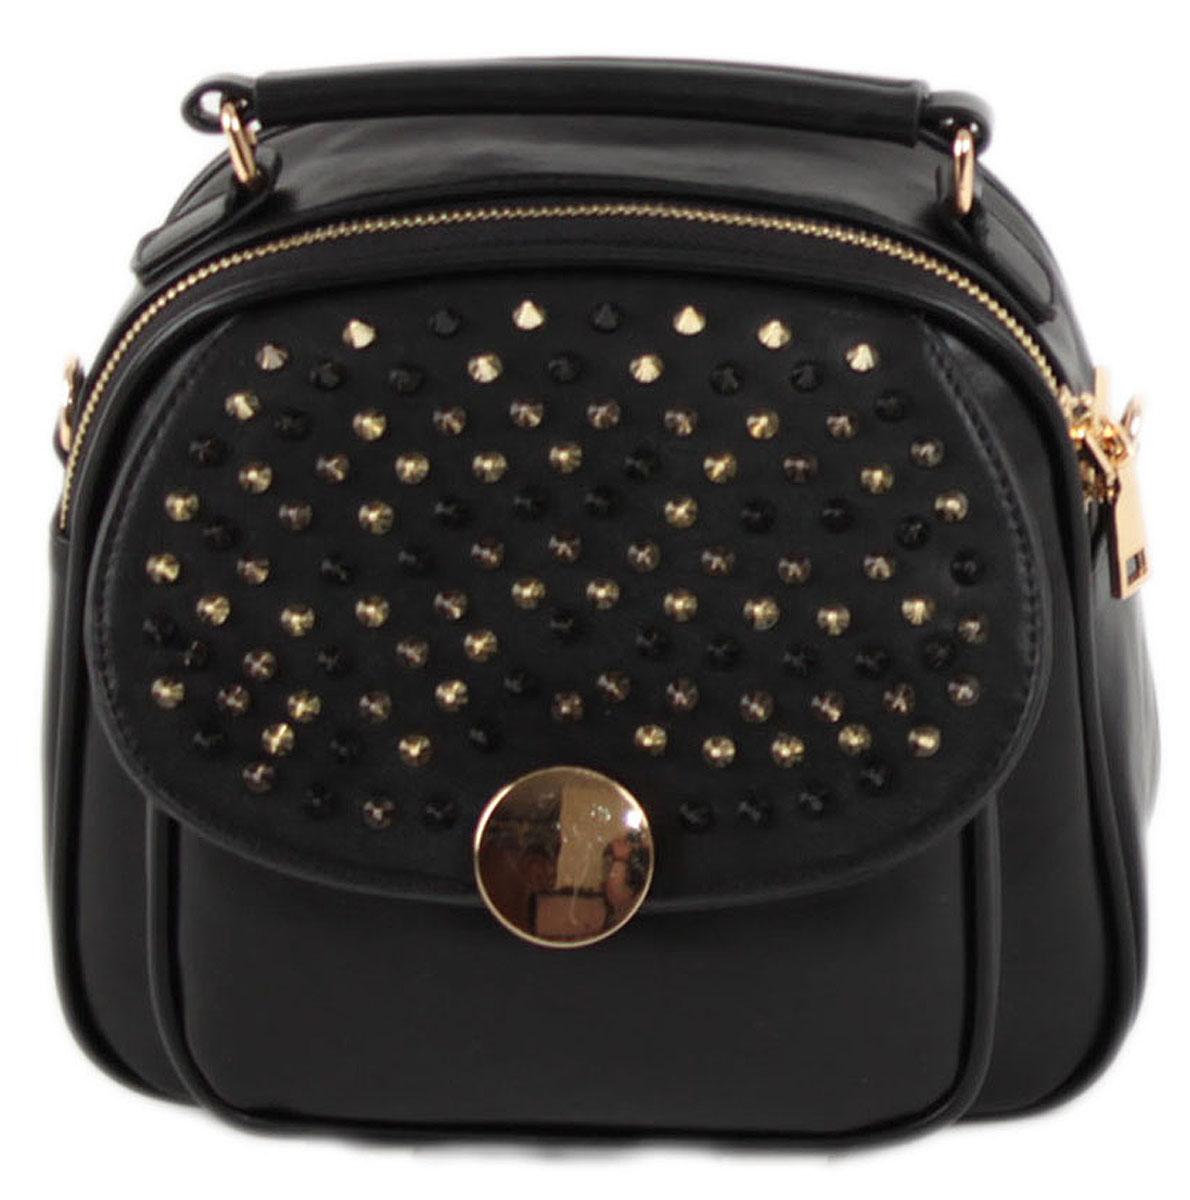 Рюкзак женский Flioraj, цвет: черный. 8919INT-06501Закрывается на молнию. Внутри одно отделение, два кармана для мобильного телефона, карман на молнии, снаружи карман на молнии и карман на декоративном замке. Высота ручки 5 см.